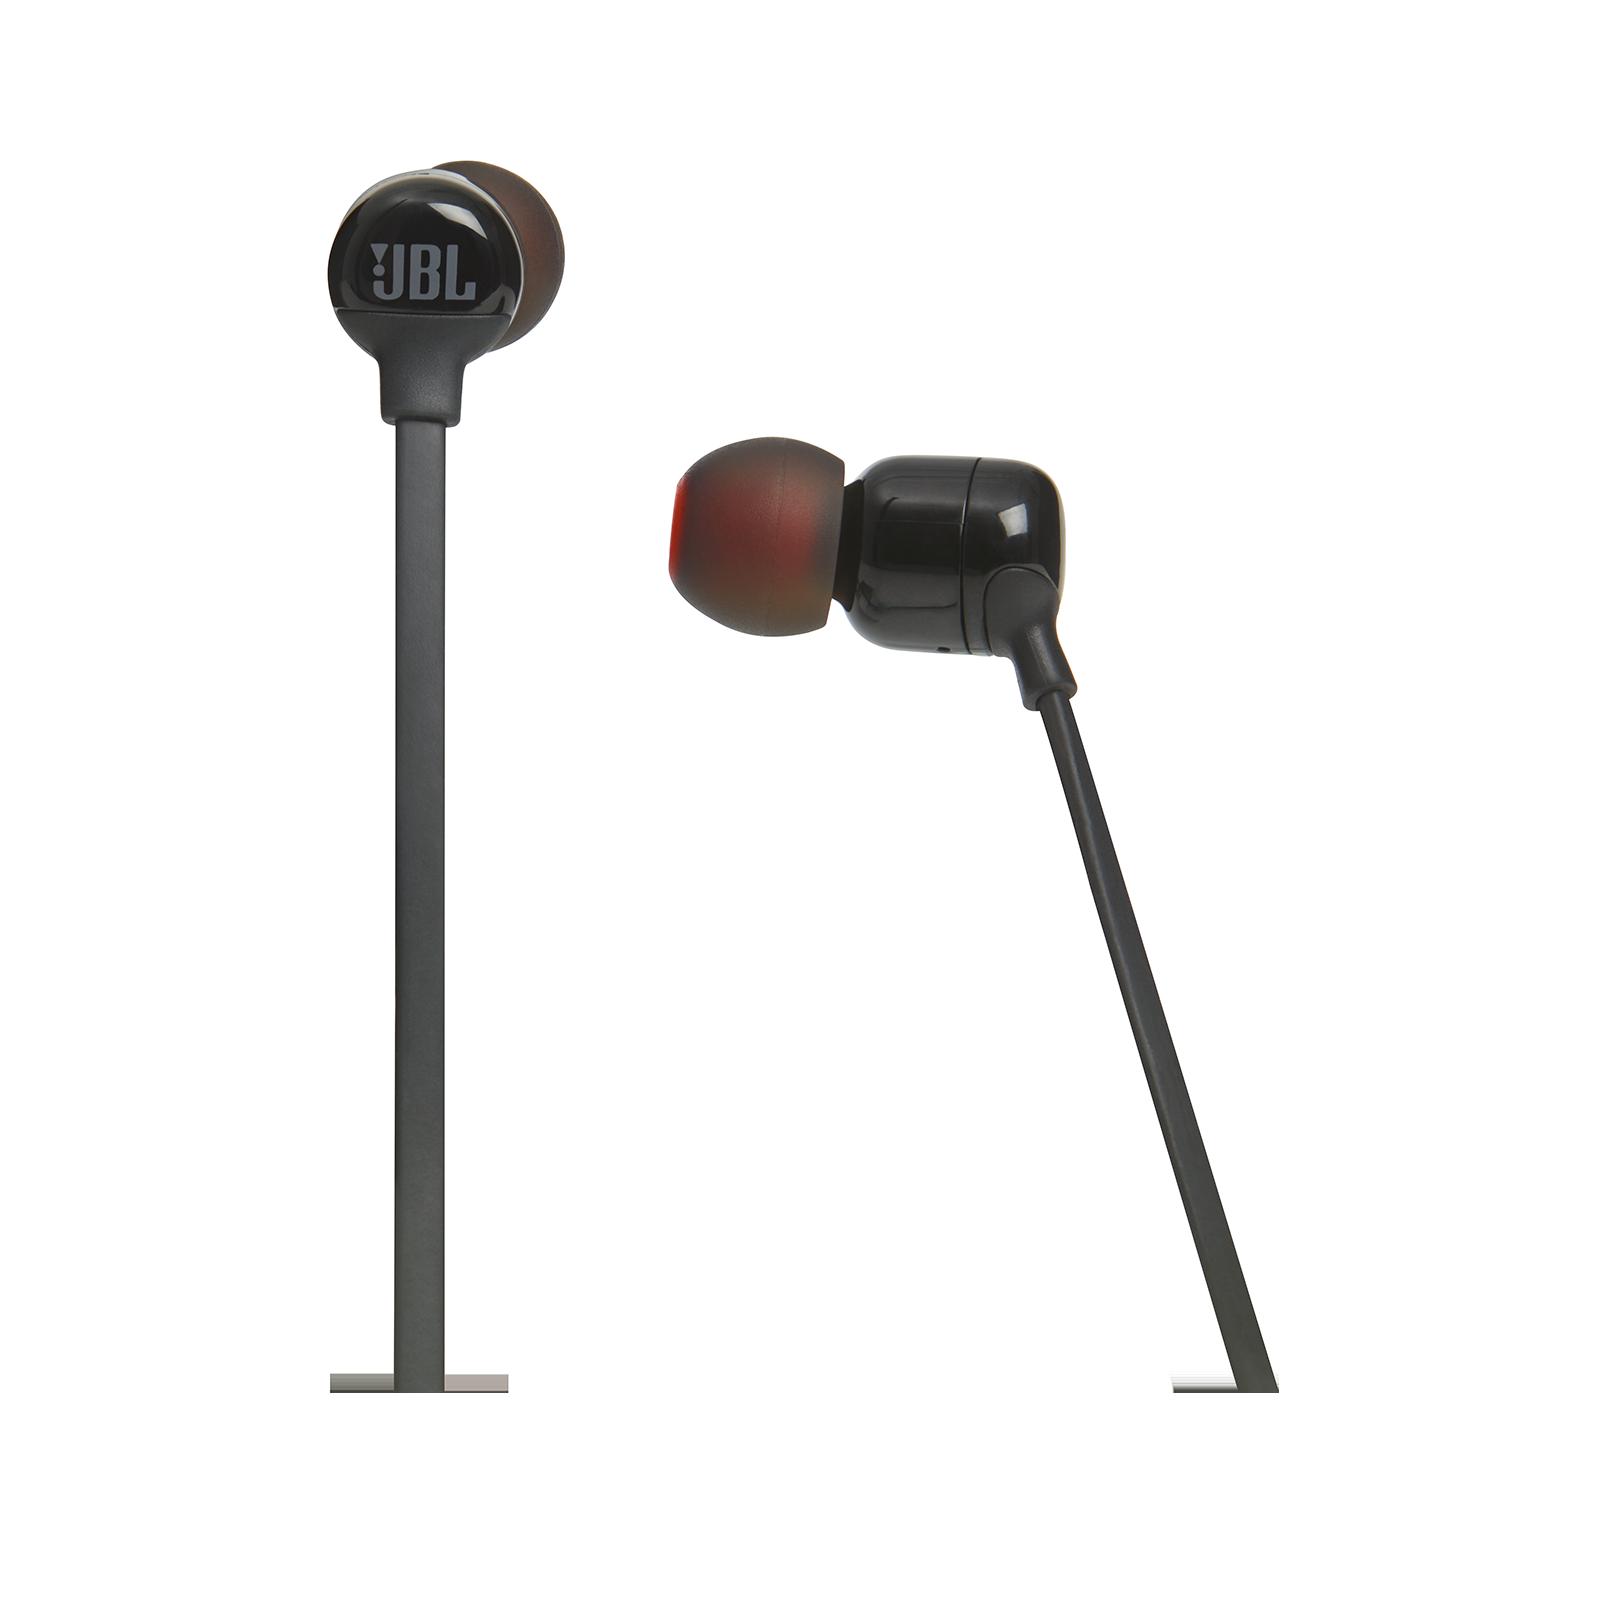 JBL TUNE 110BT - Black - Wireless in-ear headphones - Detailshot 3